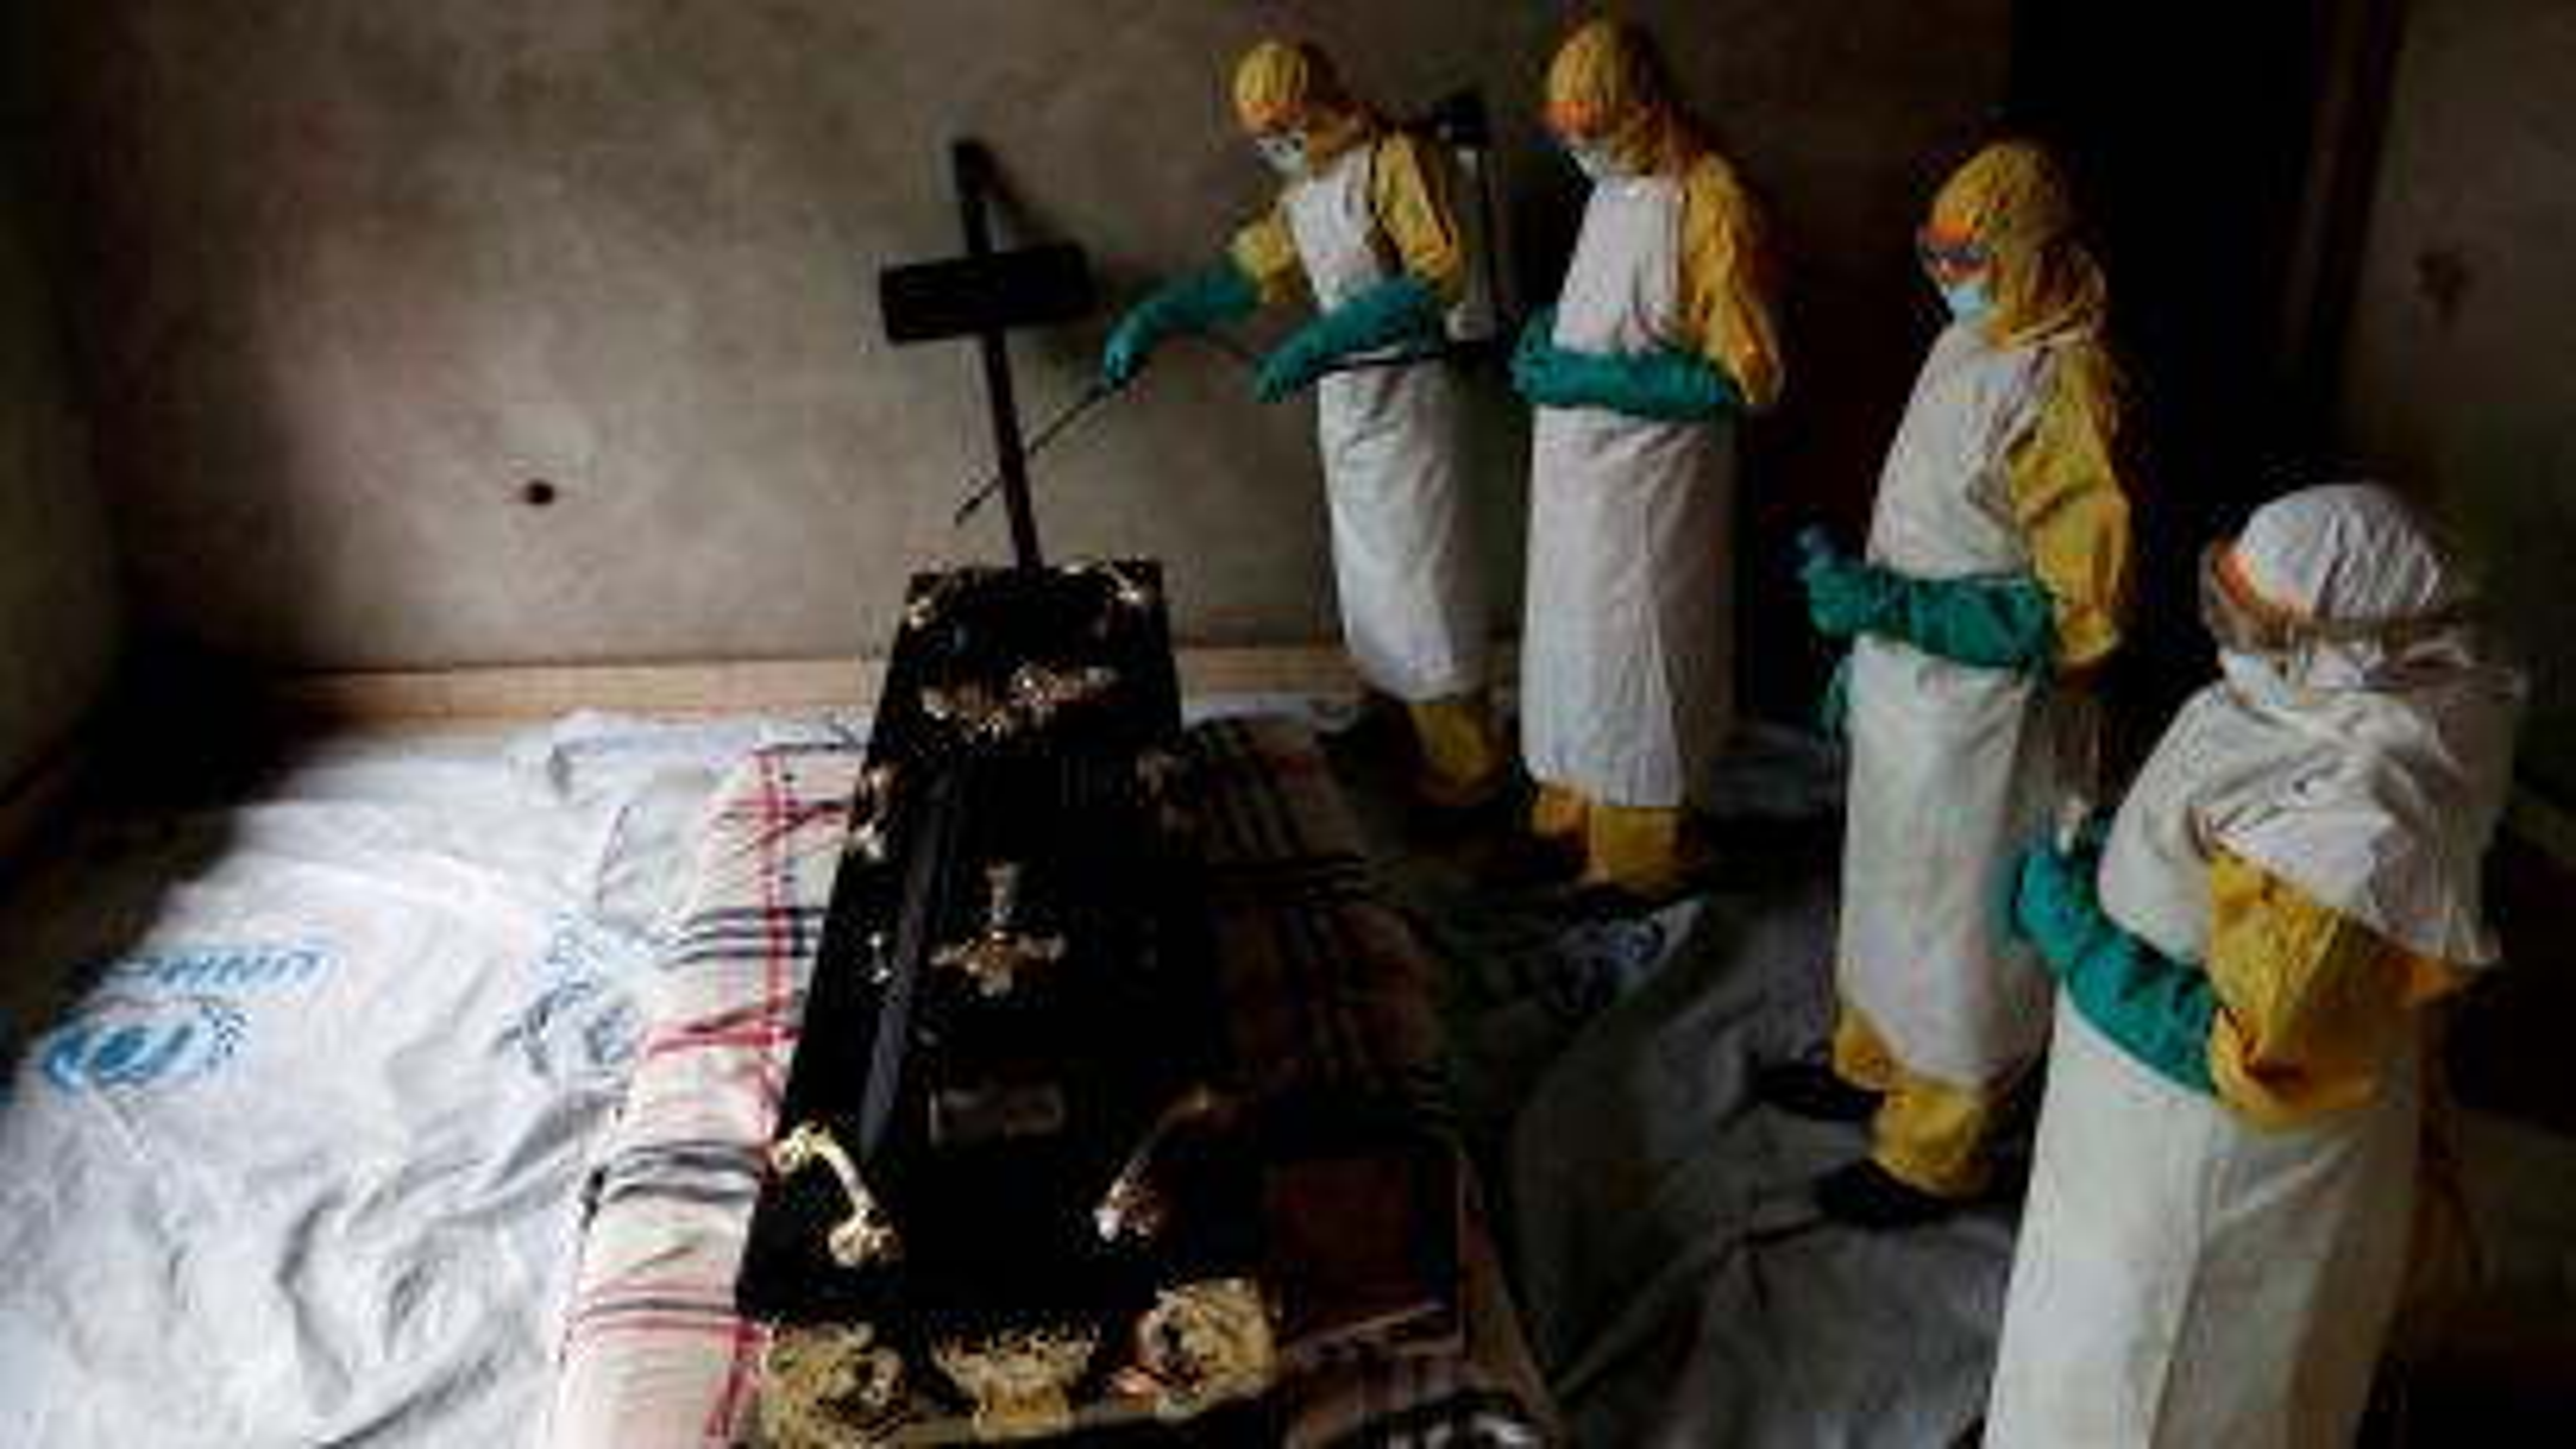 Ebola: Over 1000 cases as DR Congo struggles to contain spread